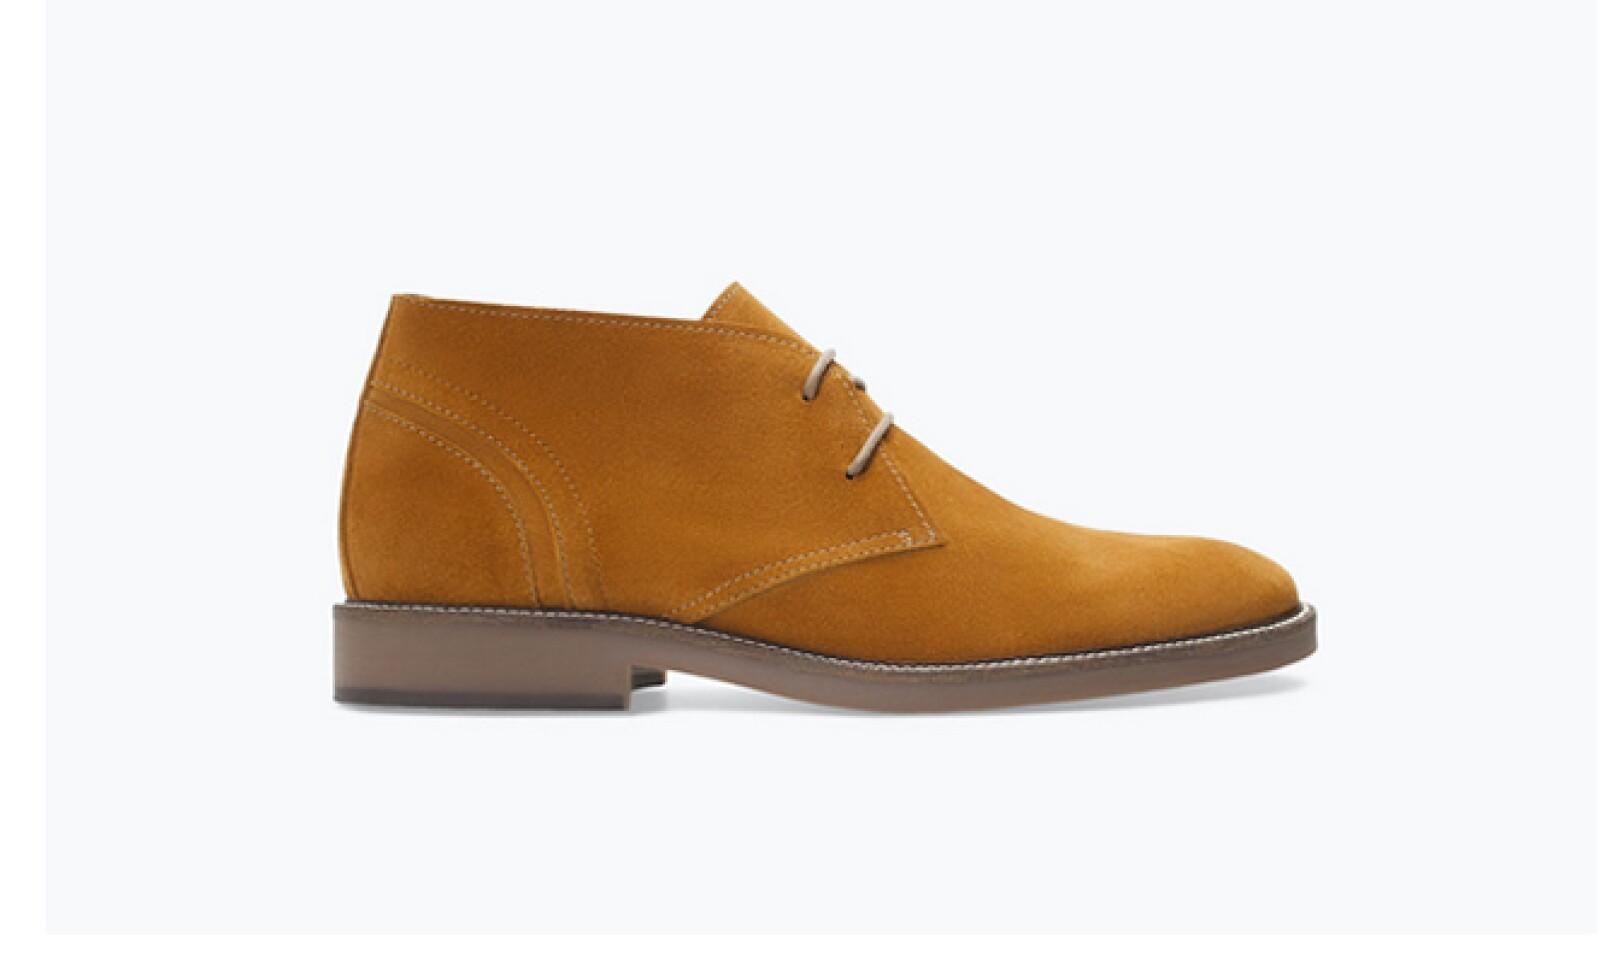 Mocasines de ante y cordones en color marrón dan un toque elegante a los pasos.